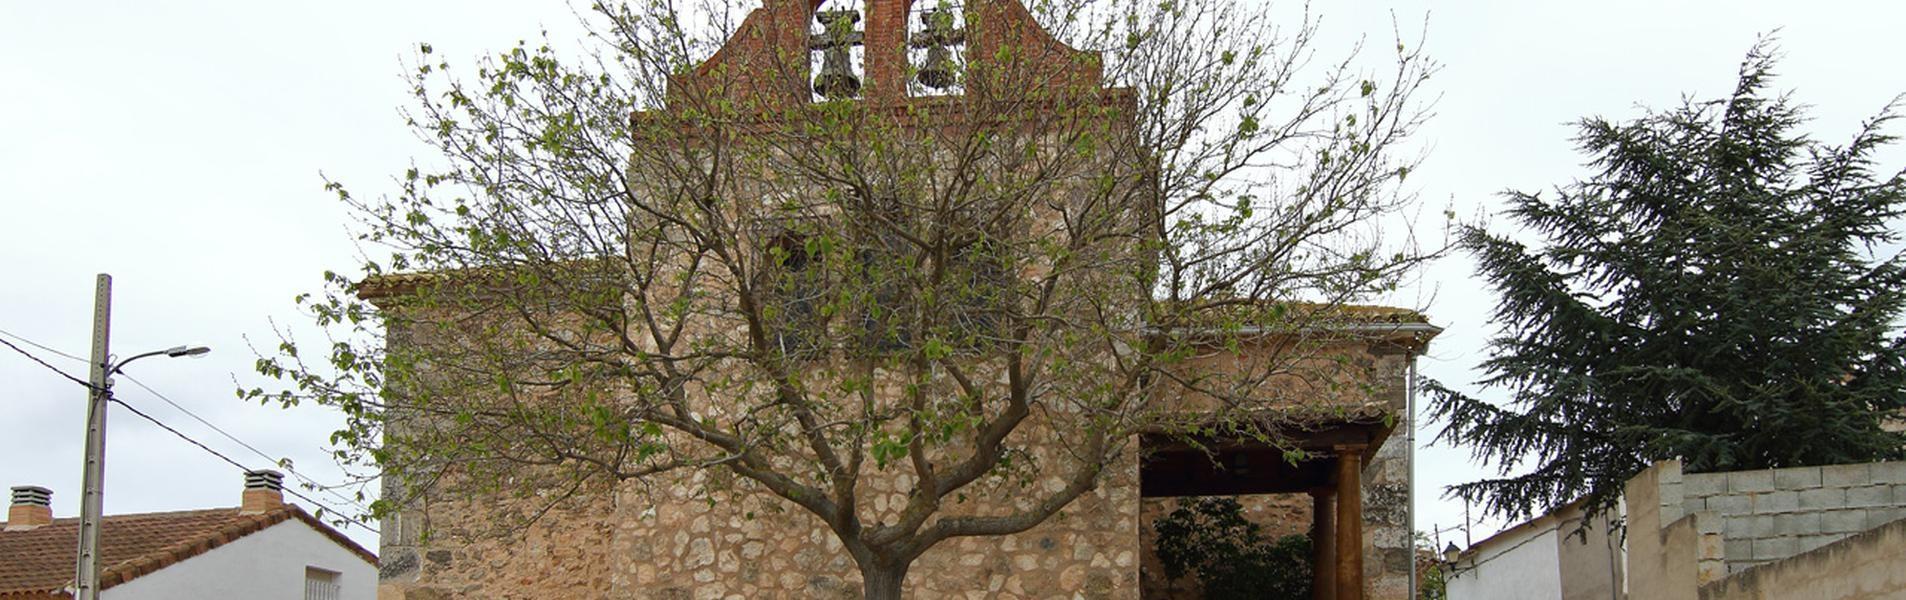 Torrubia del Castillo